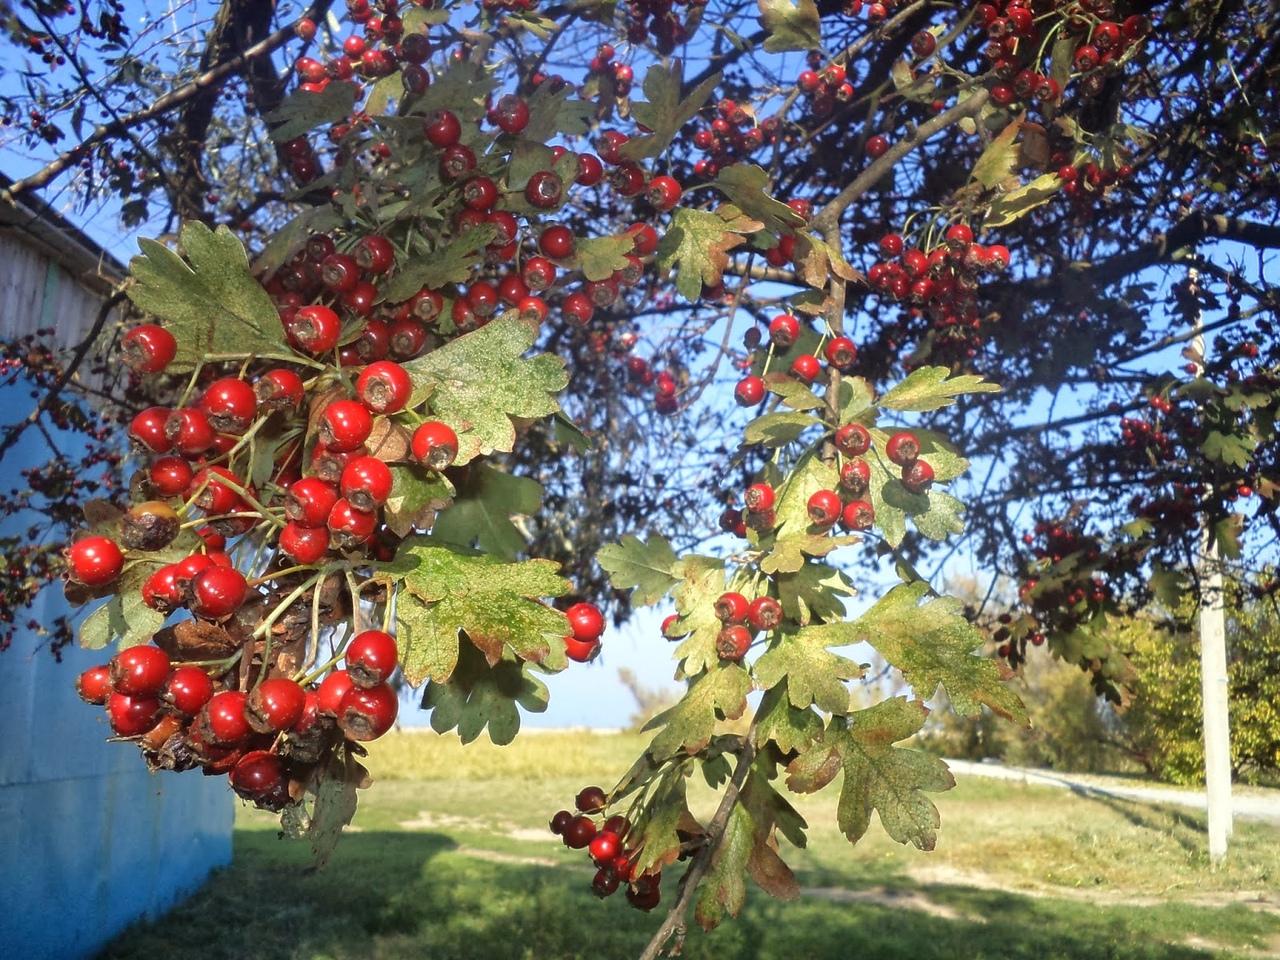 боярышник дерево фото плоды